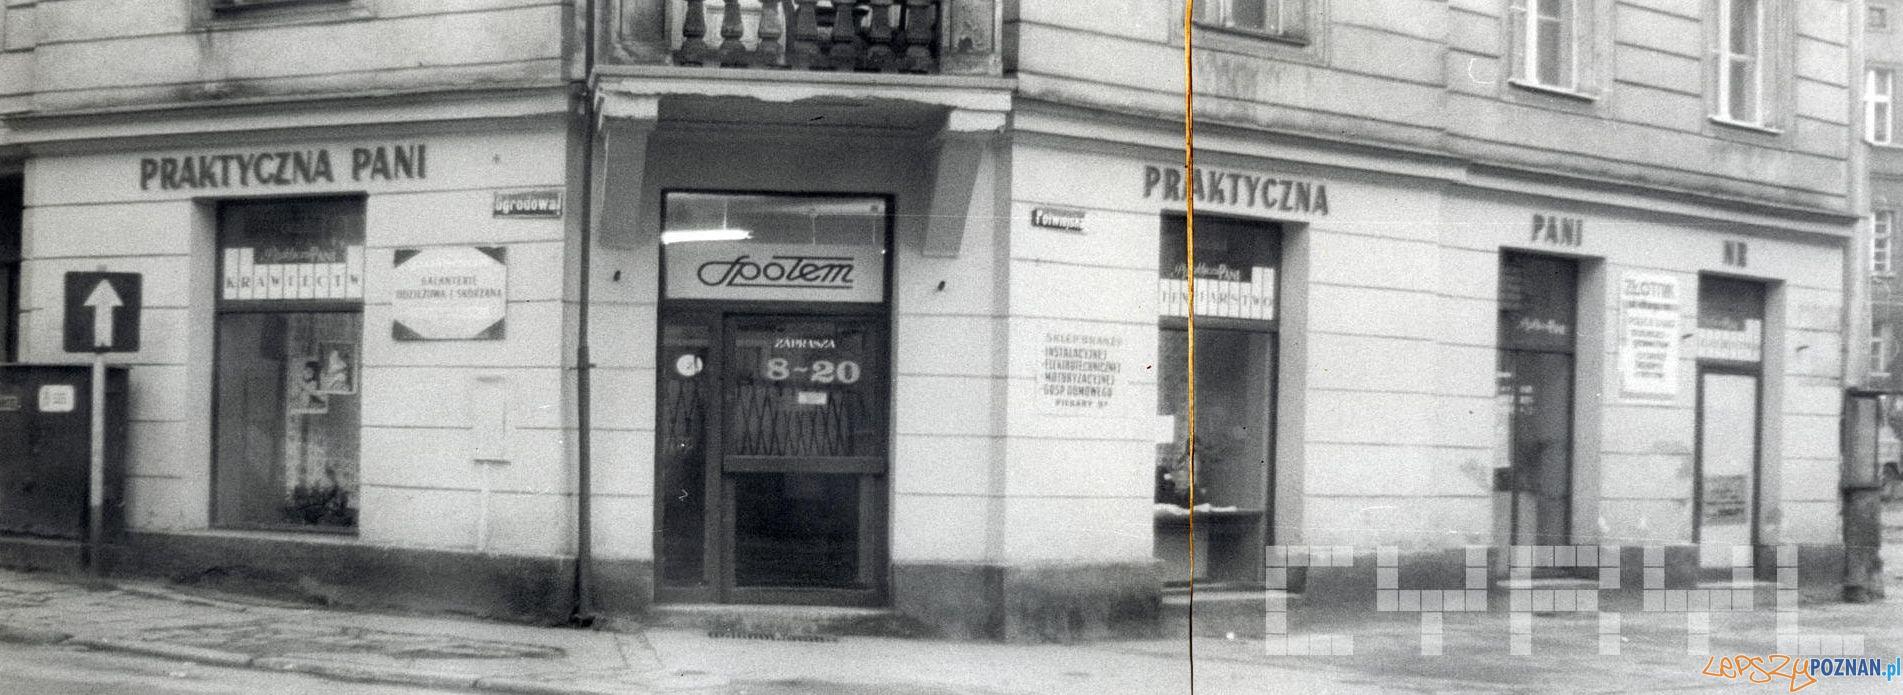 Praktyczna Pani [1985 - 90]  Foto: PSS Społem / Cyryl